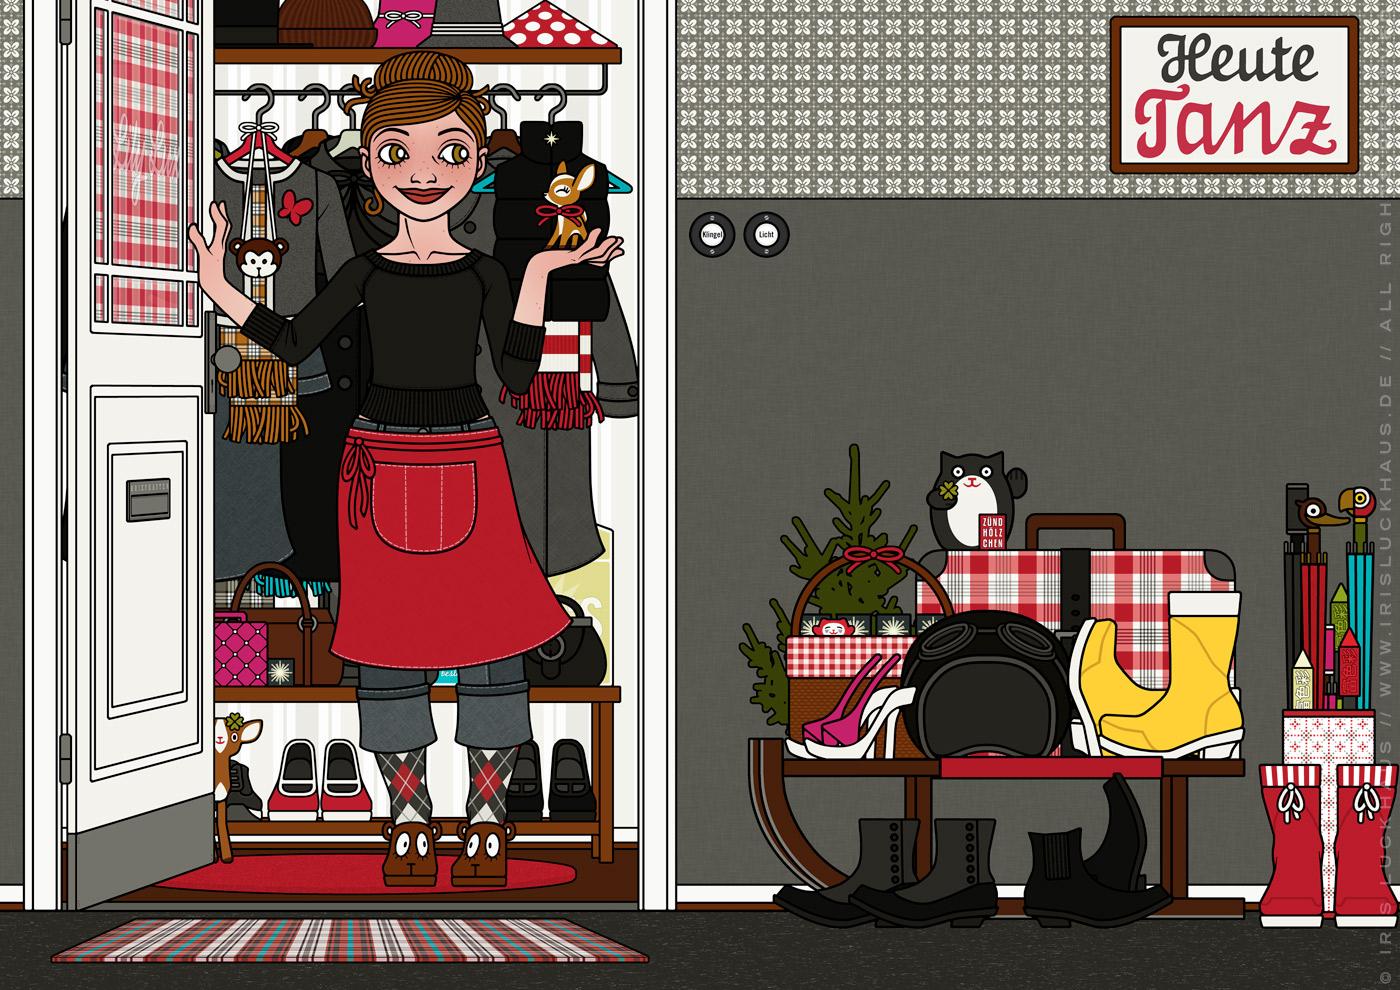 Zeichnung von einem Mädchen, die in Schürze an der Wohnungstür Gäste zu Feier, Essen oder Party empfängt und ein kleines Reh mitgebracht bekommt, für Lily Lux von Iris Luckhaus